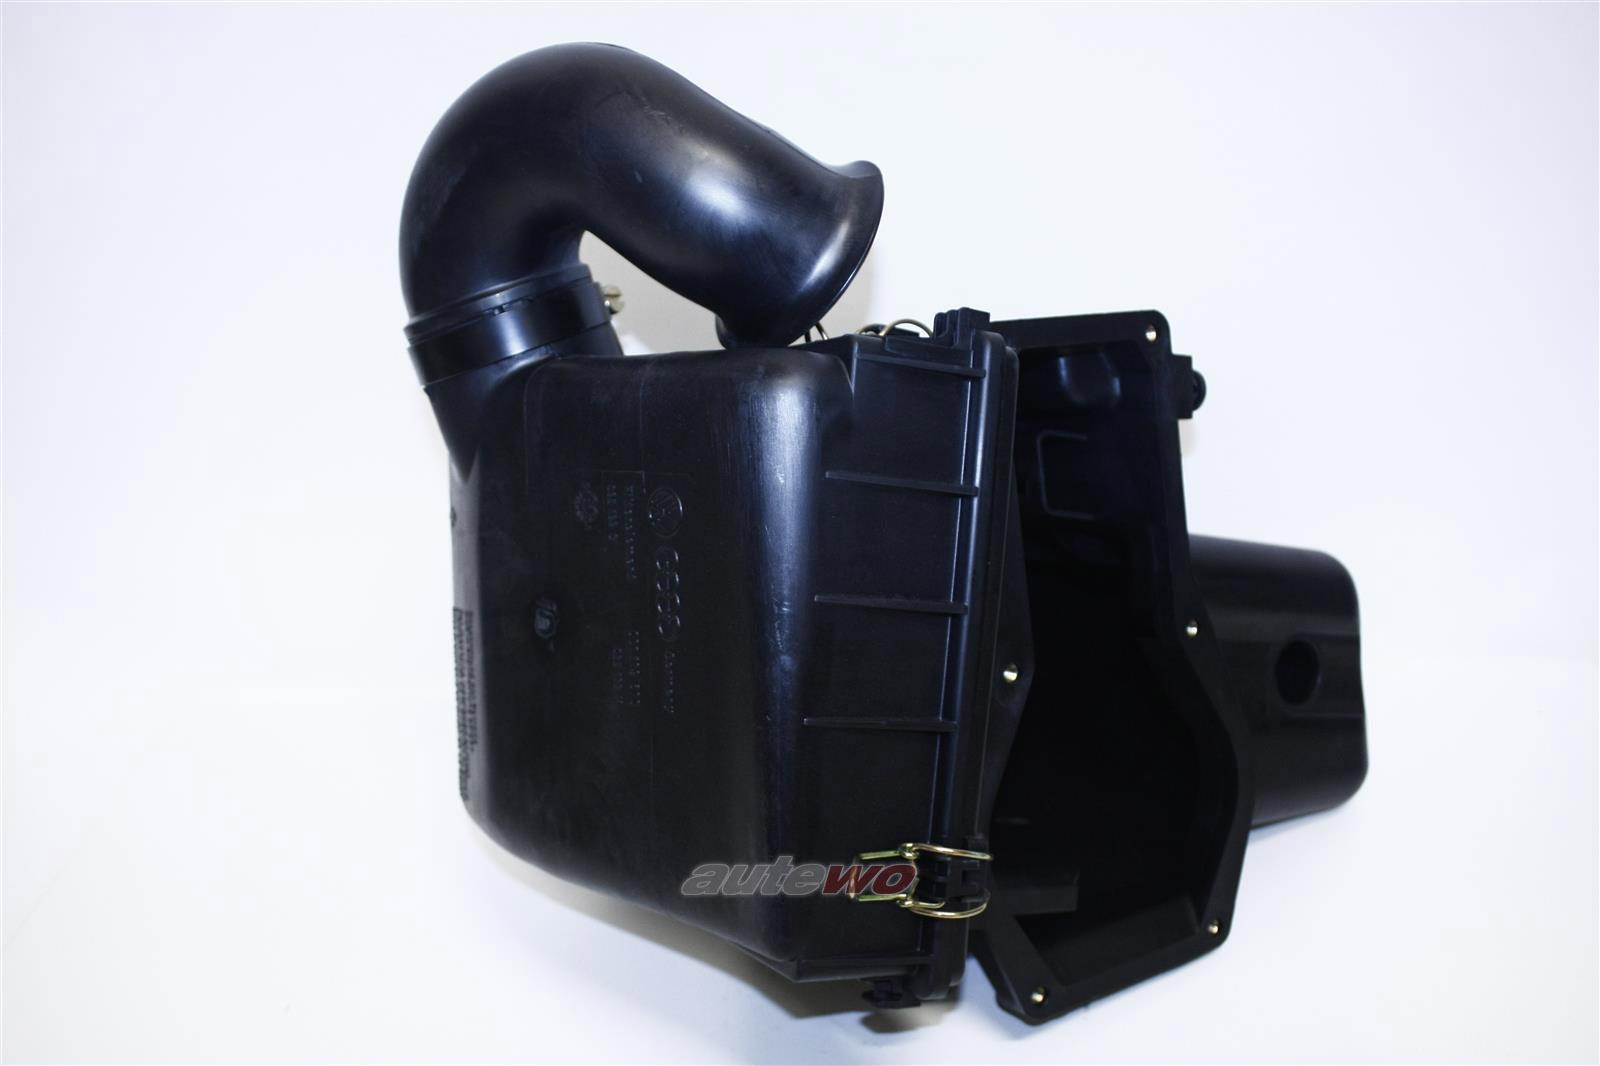 034133837AJ NEU Audi 100/200 Typ 44 2.2l 5 Zyl. 10V Turbo Luftfilterkasten